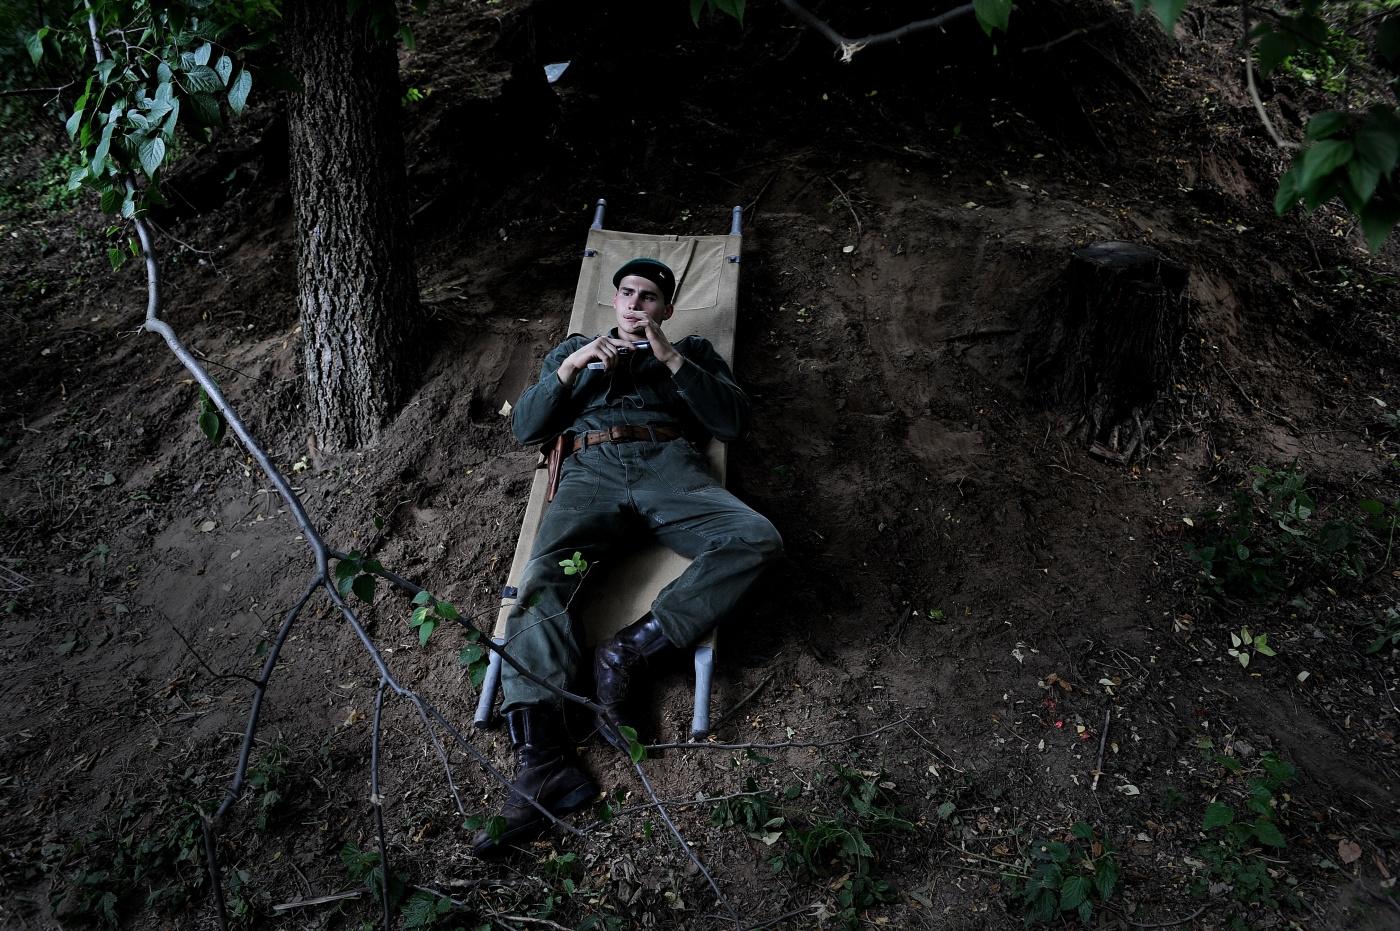 Kurucz Árpád (Népszabadság): Angyalbőrben minden kicsit más